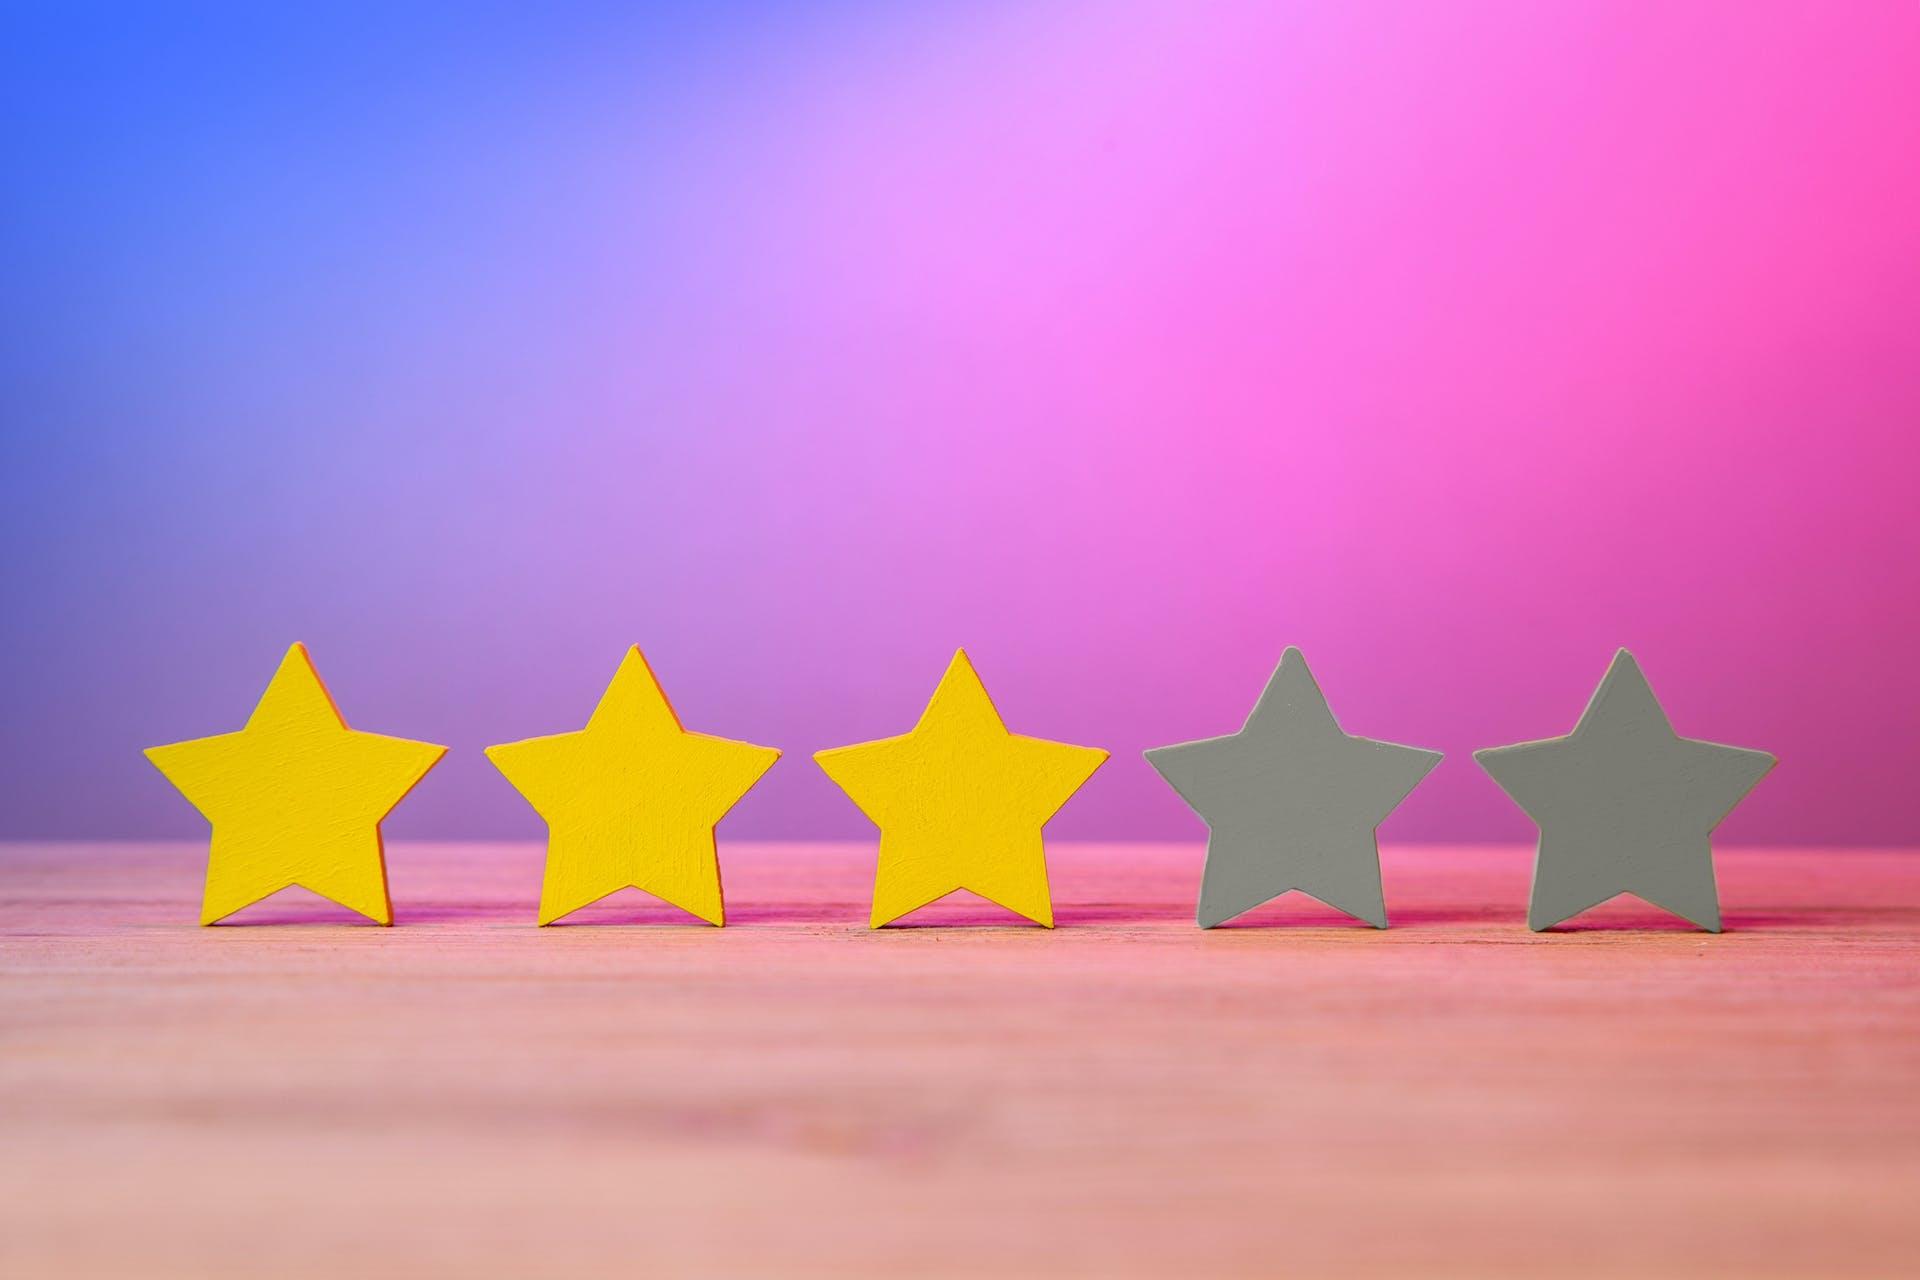 Bewertungssterne ähnlich wie bei einer Jobbewertungsplattform. 3 von 5 Sternen leuchten gelb.